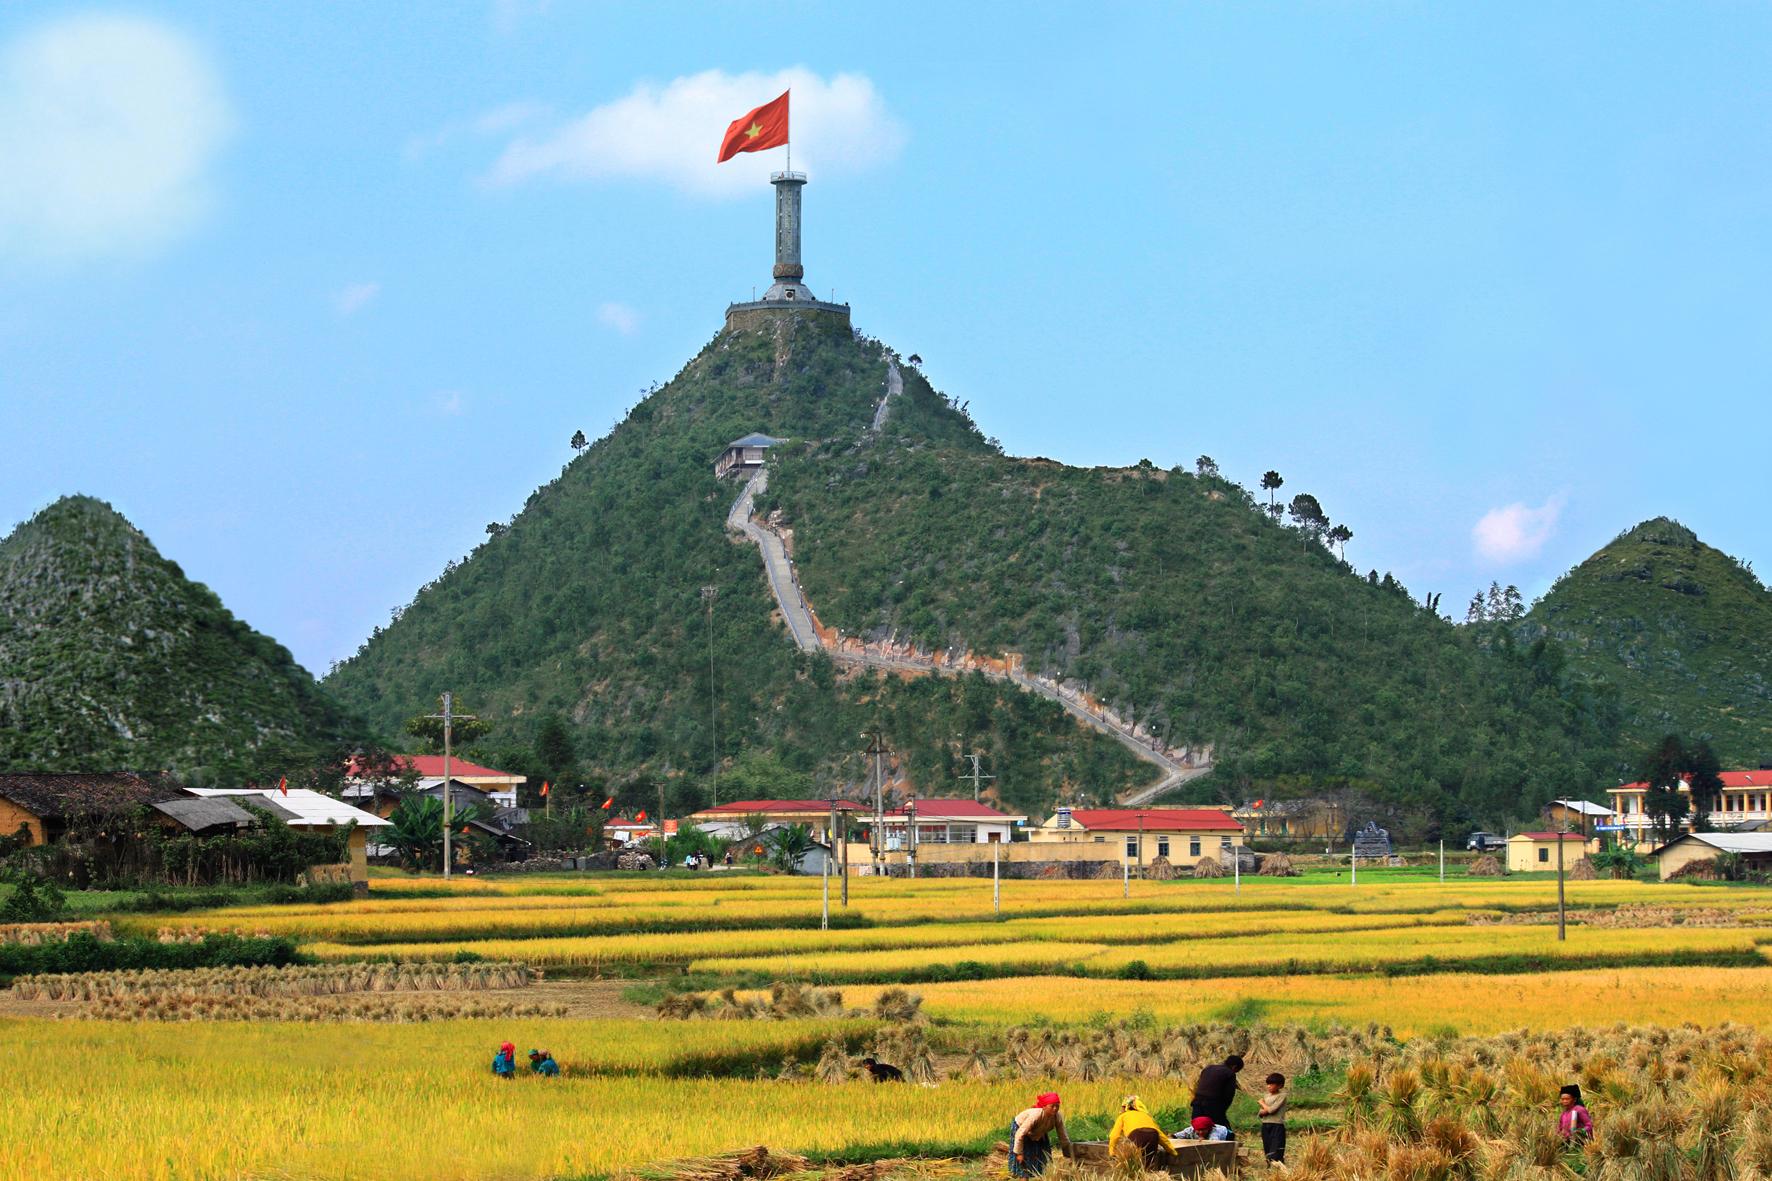 Bắc Giang - Hà Giang - Cao Nguyên Đồng Văn - Lũng Cú 4 Ngày